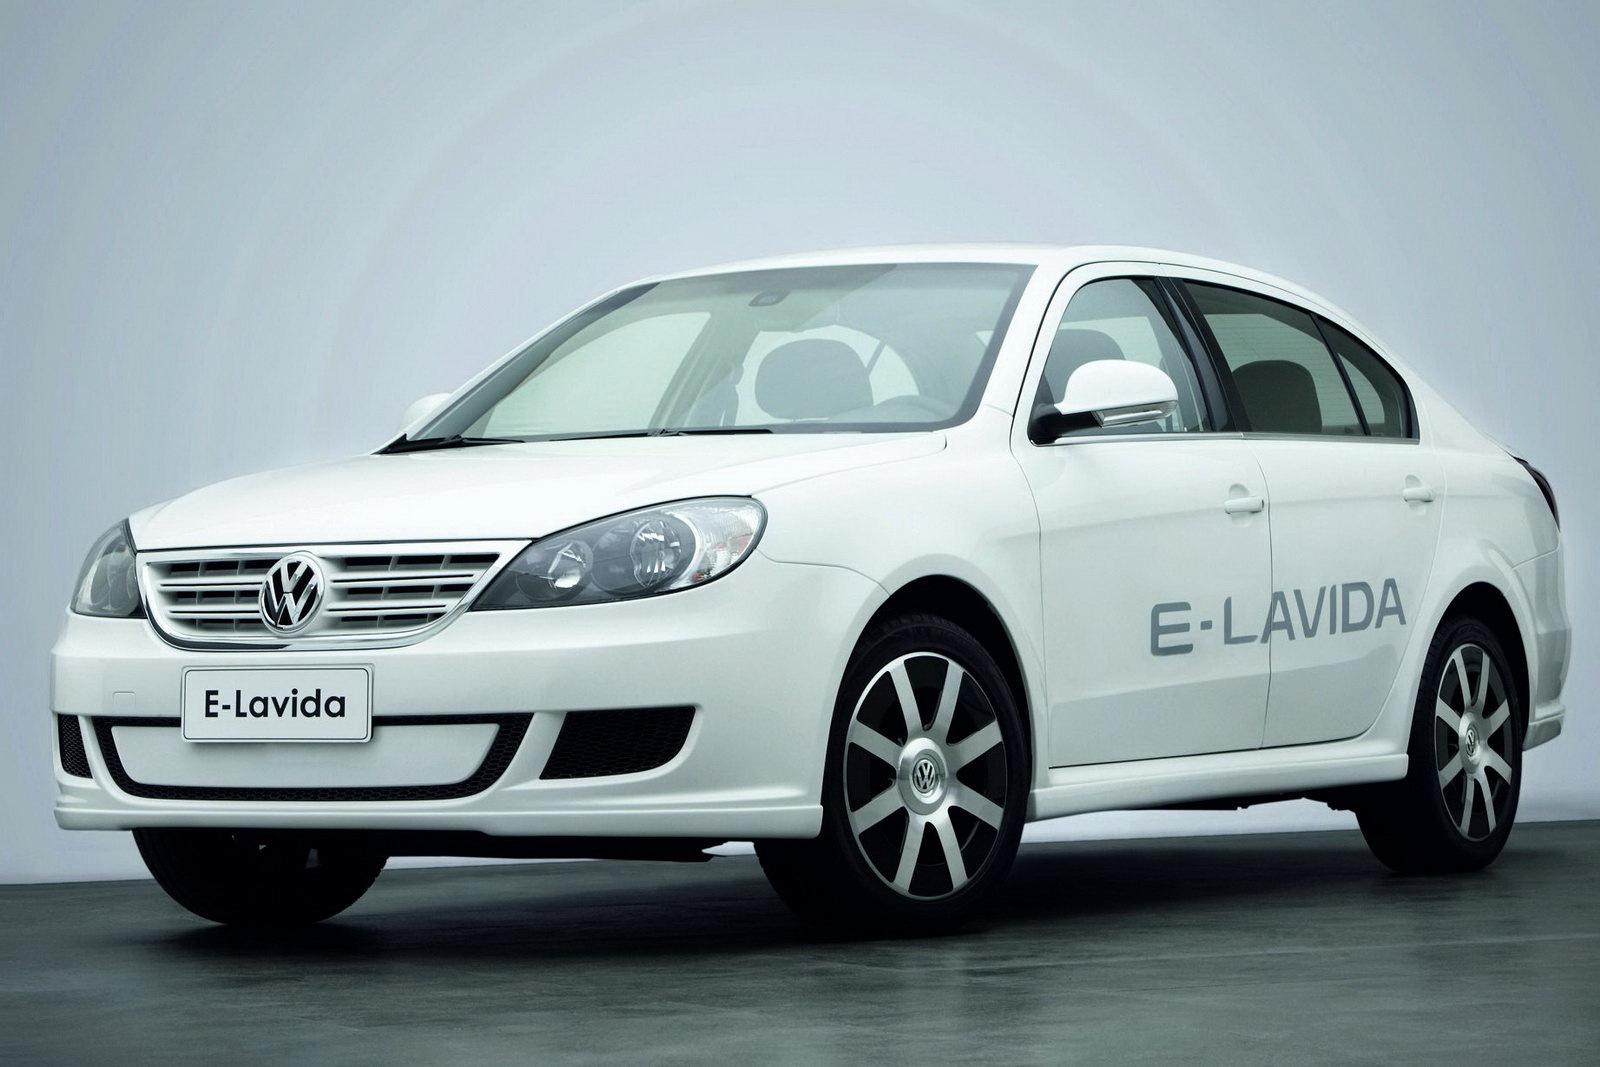 volkswagen peilt elektroauto marktf hrerschaft in china an heise online. Black Bedroom Furniture Sets. Home Design Ideas